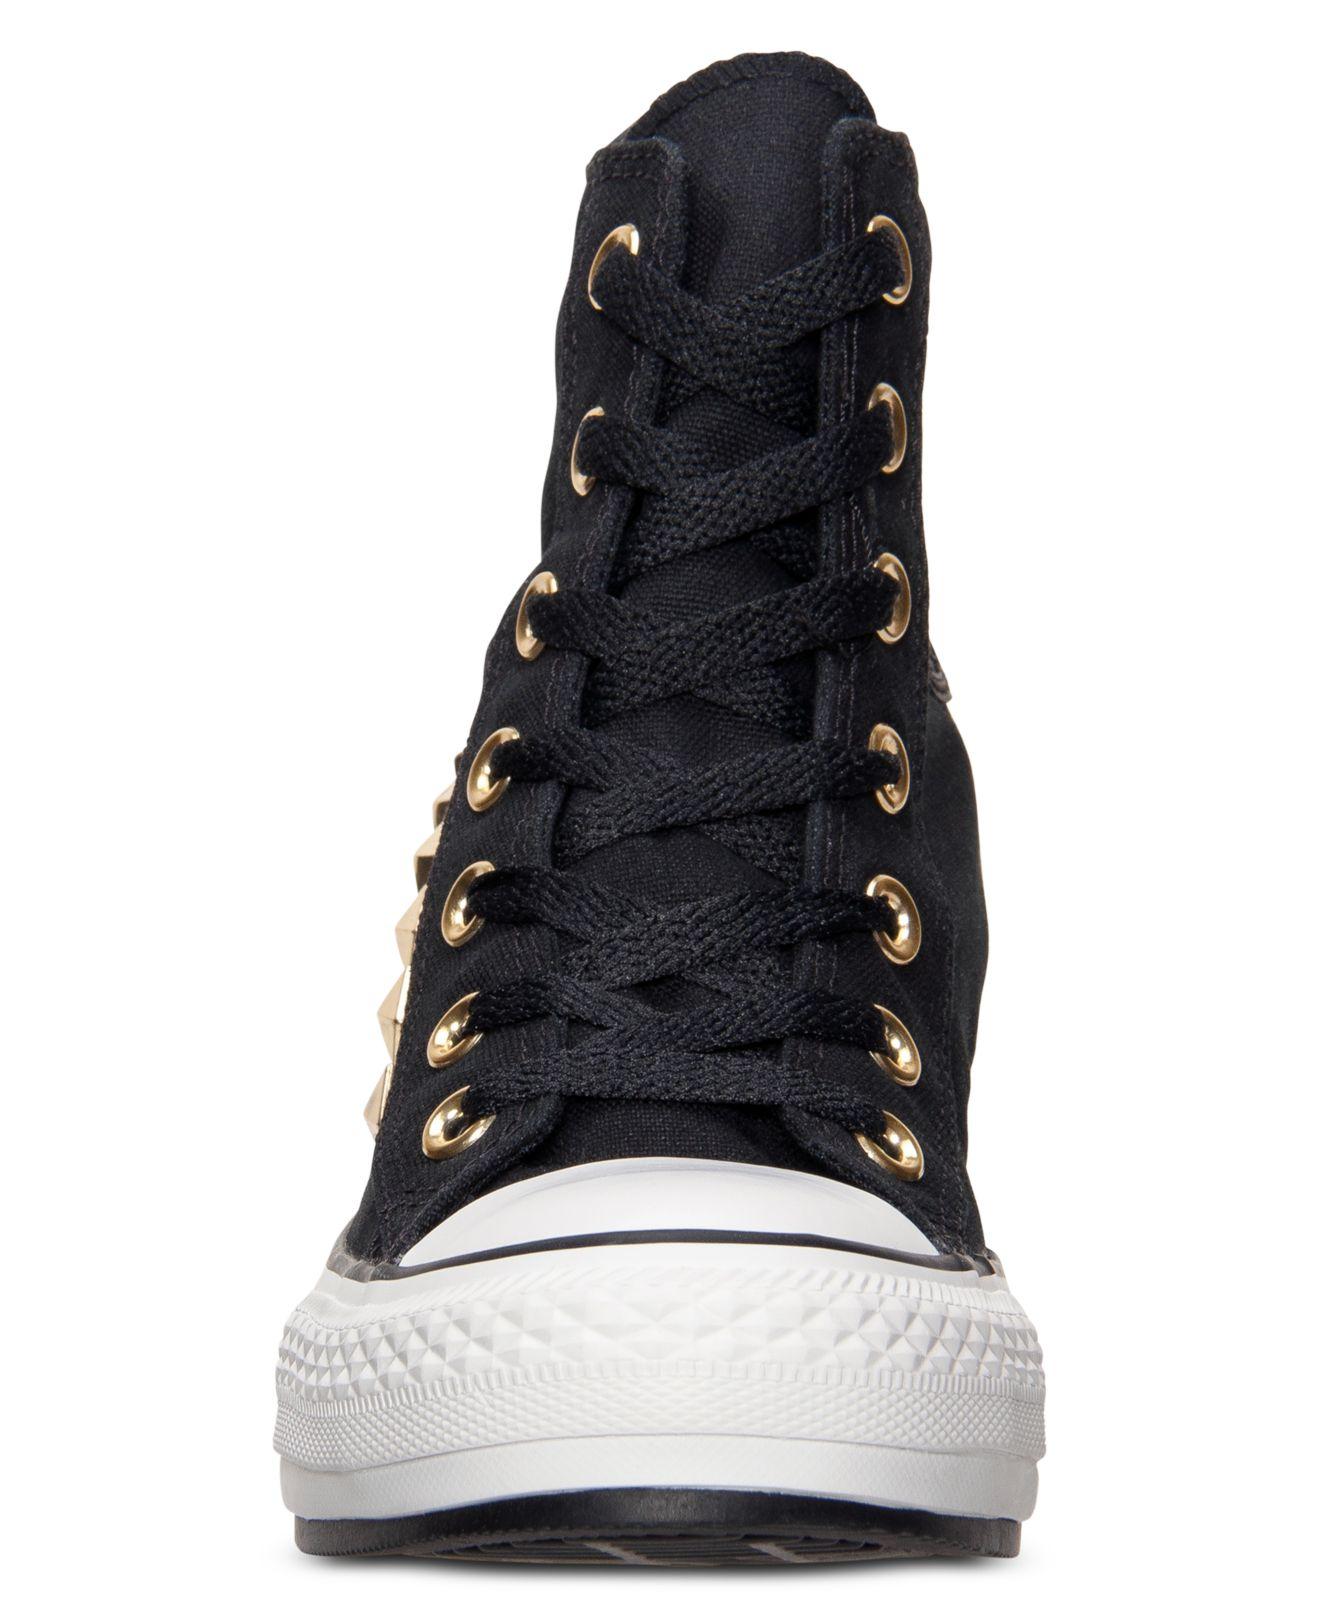 Converse Chuck Taylor Platform Plus Hi Shoes